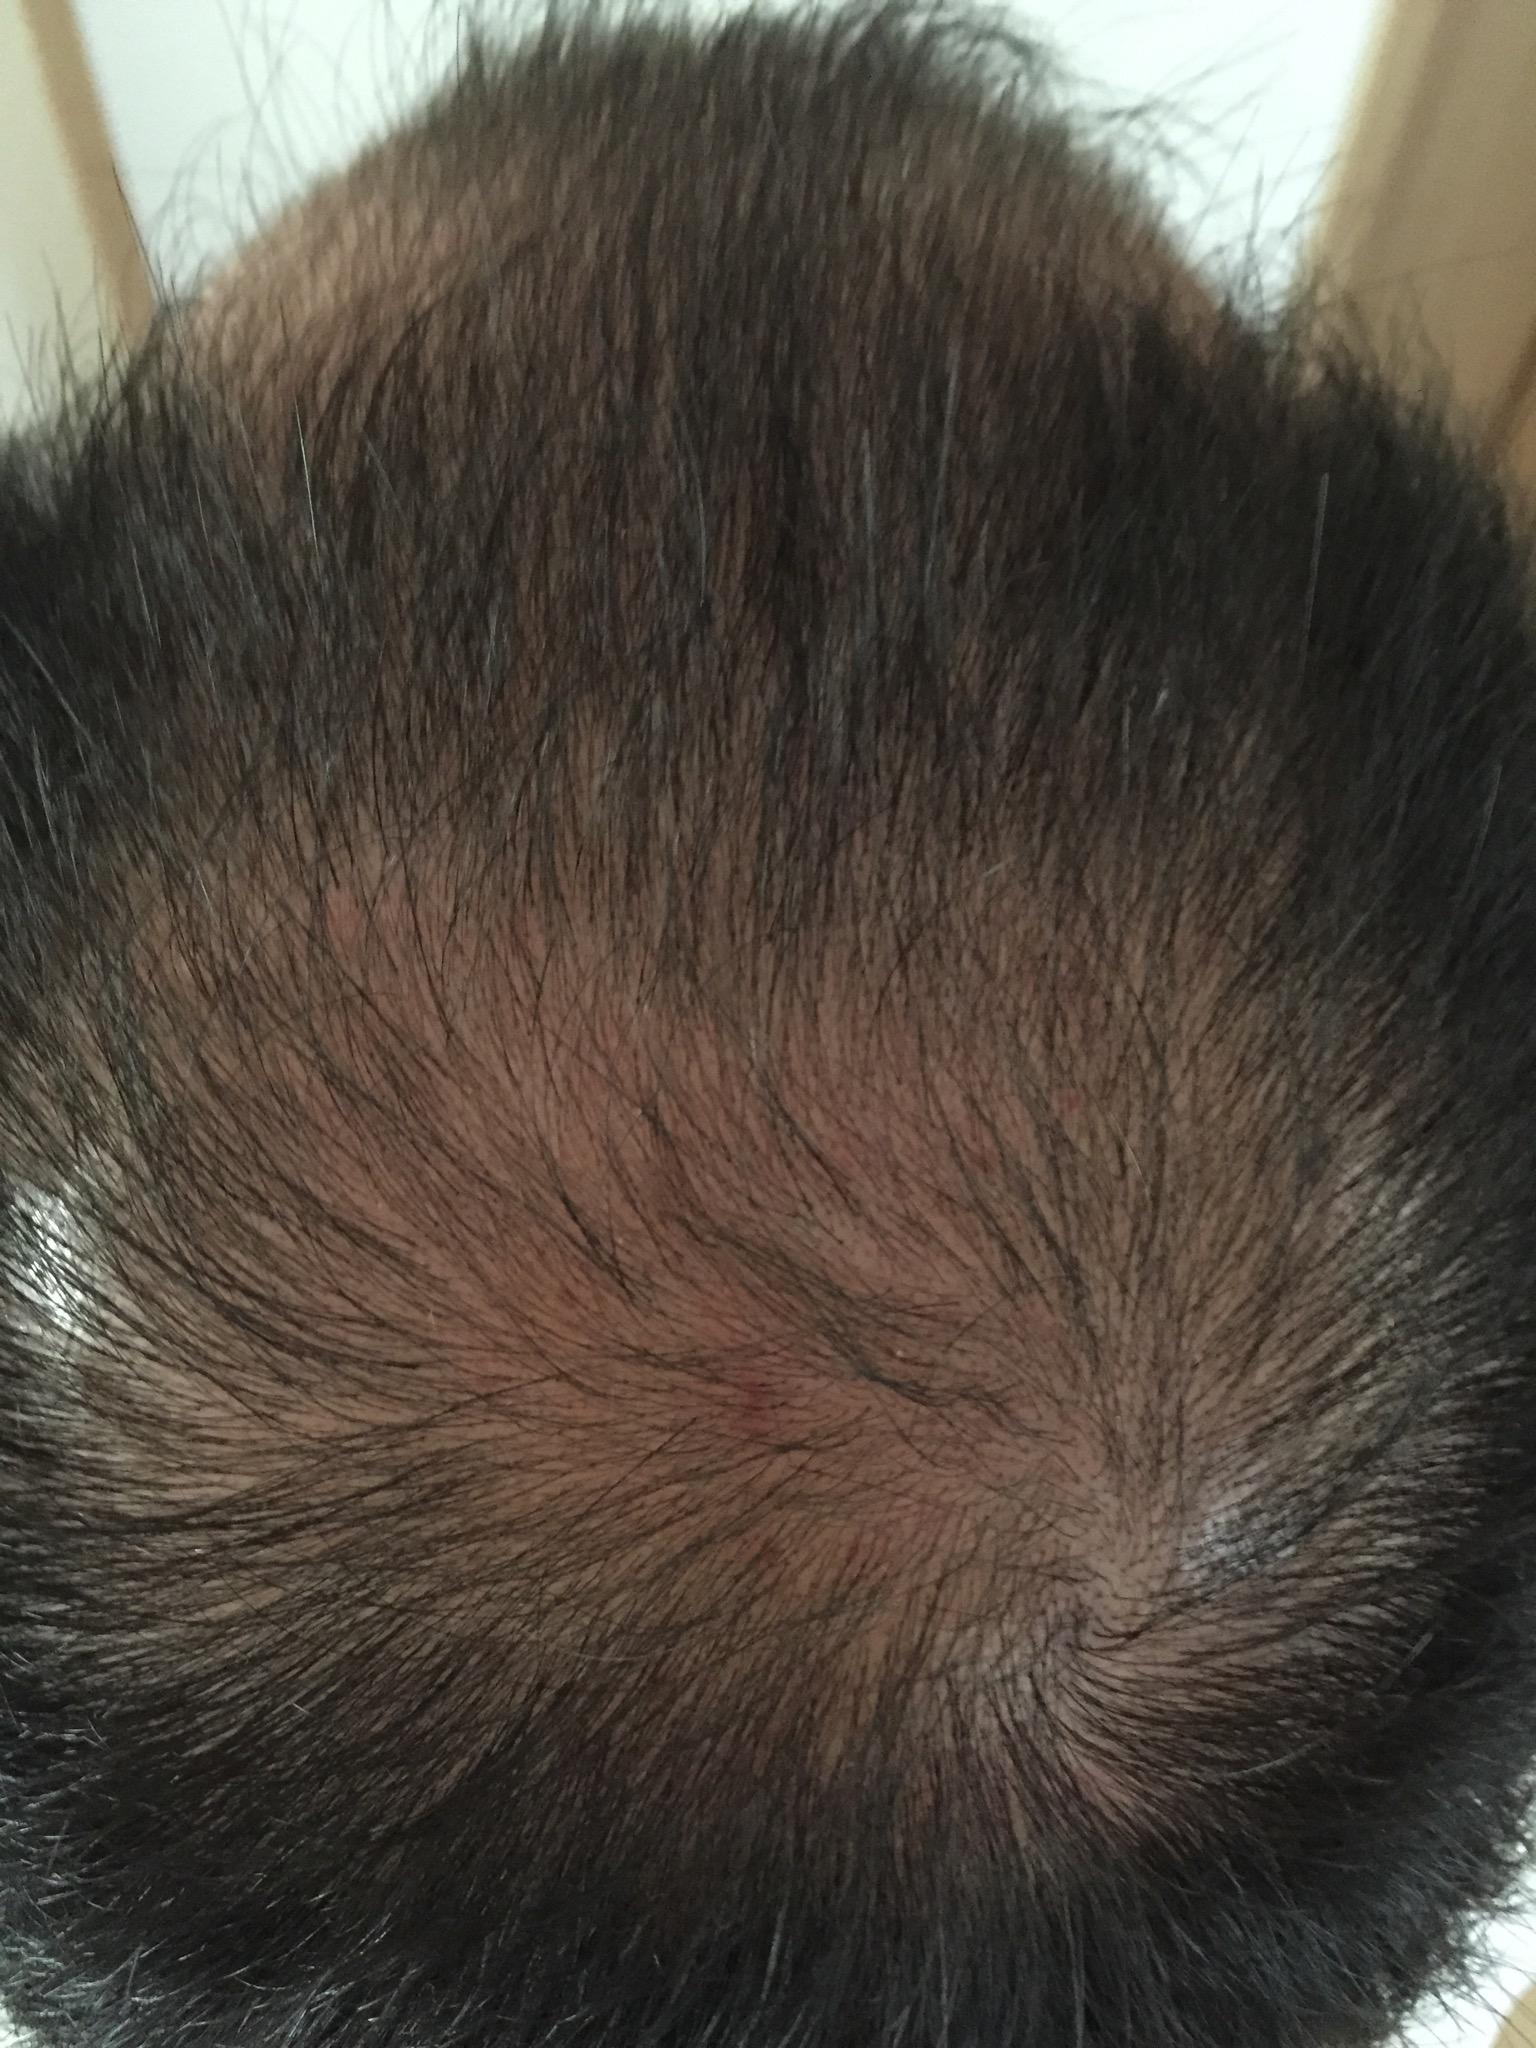 現在の頭皮